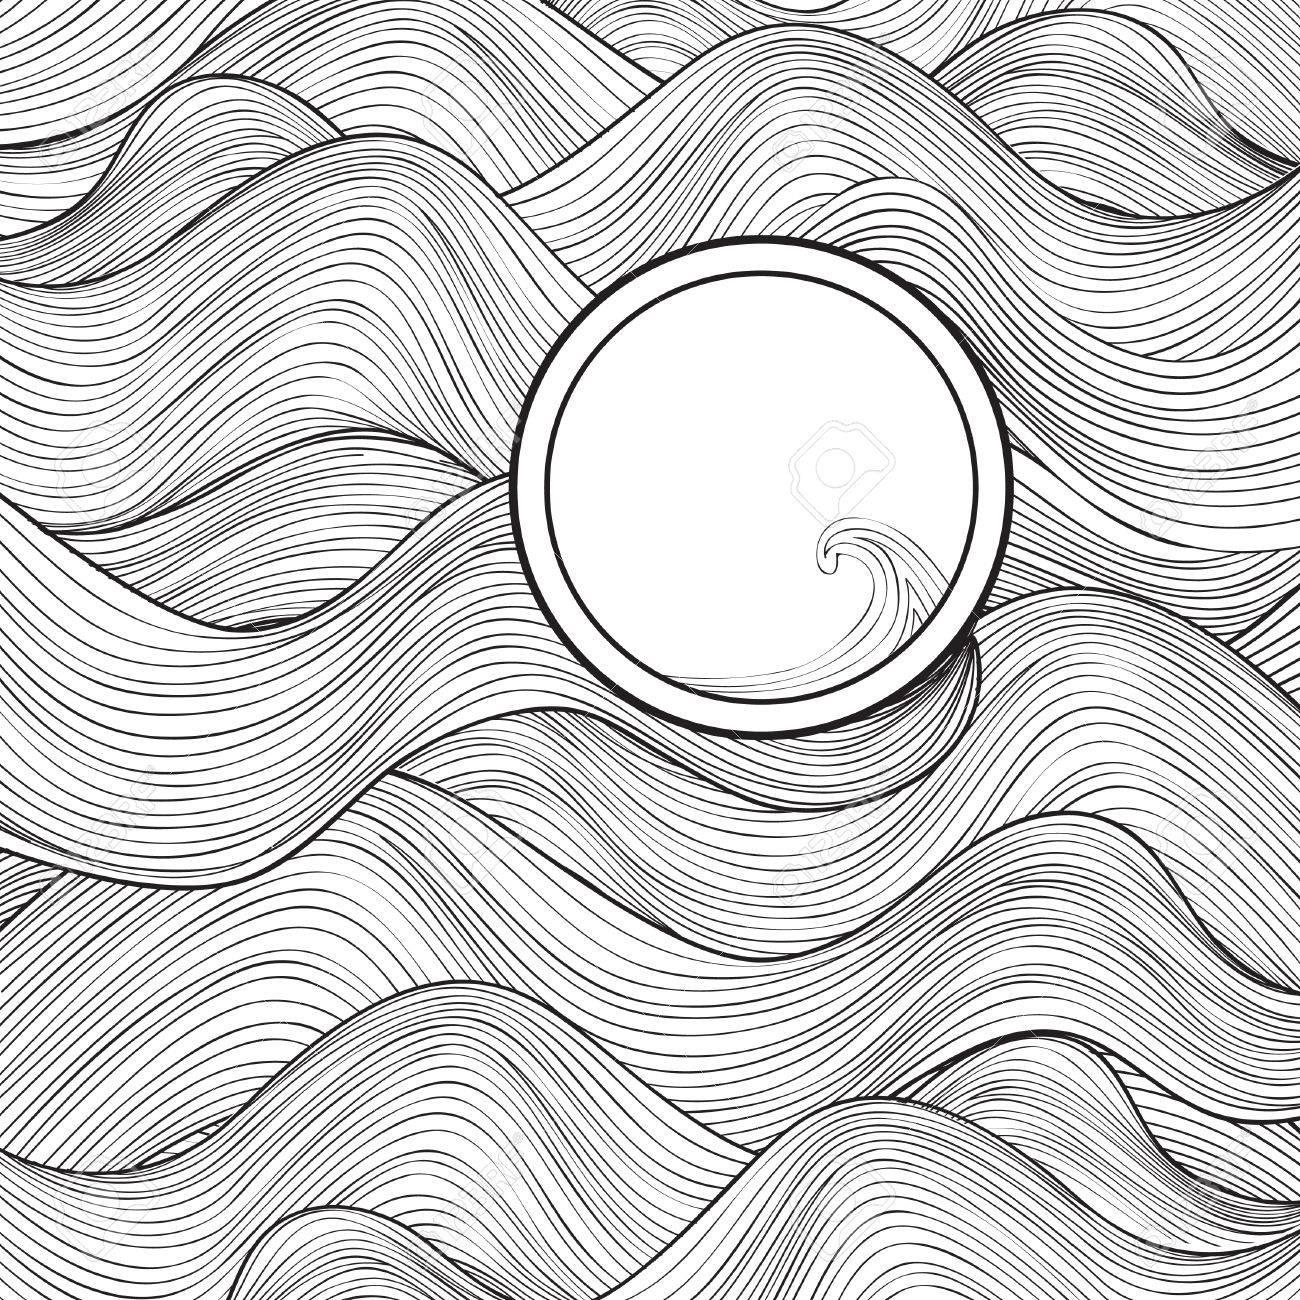 vague texture avec cadre pour le texte. noir et blanc élégant